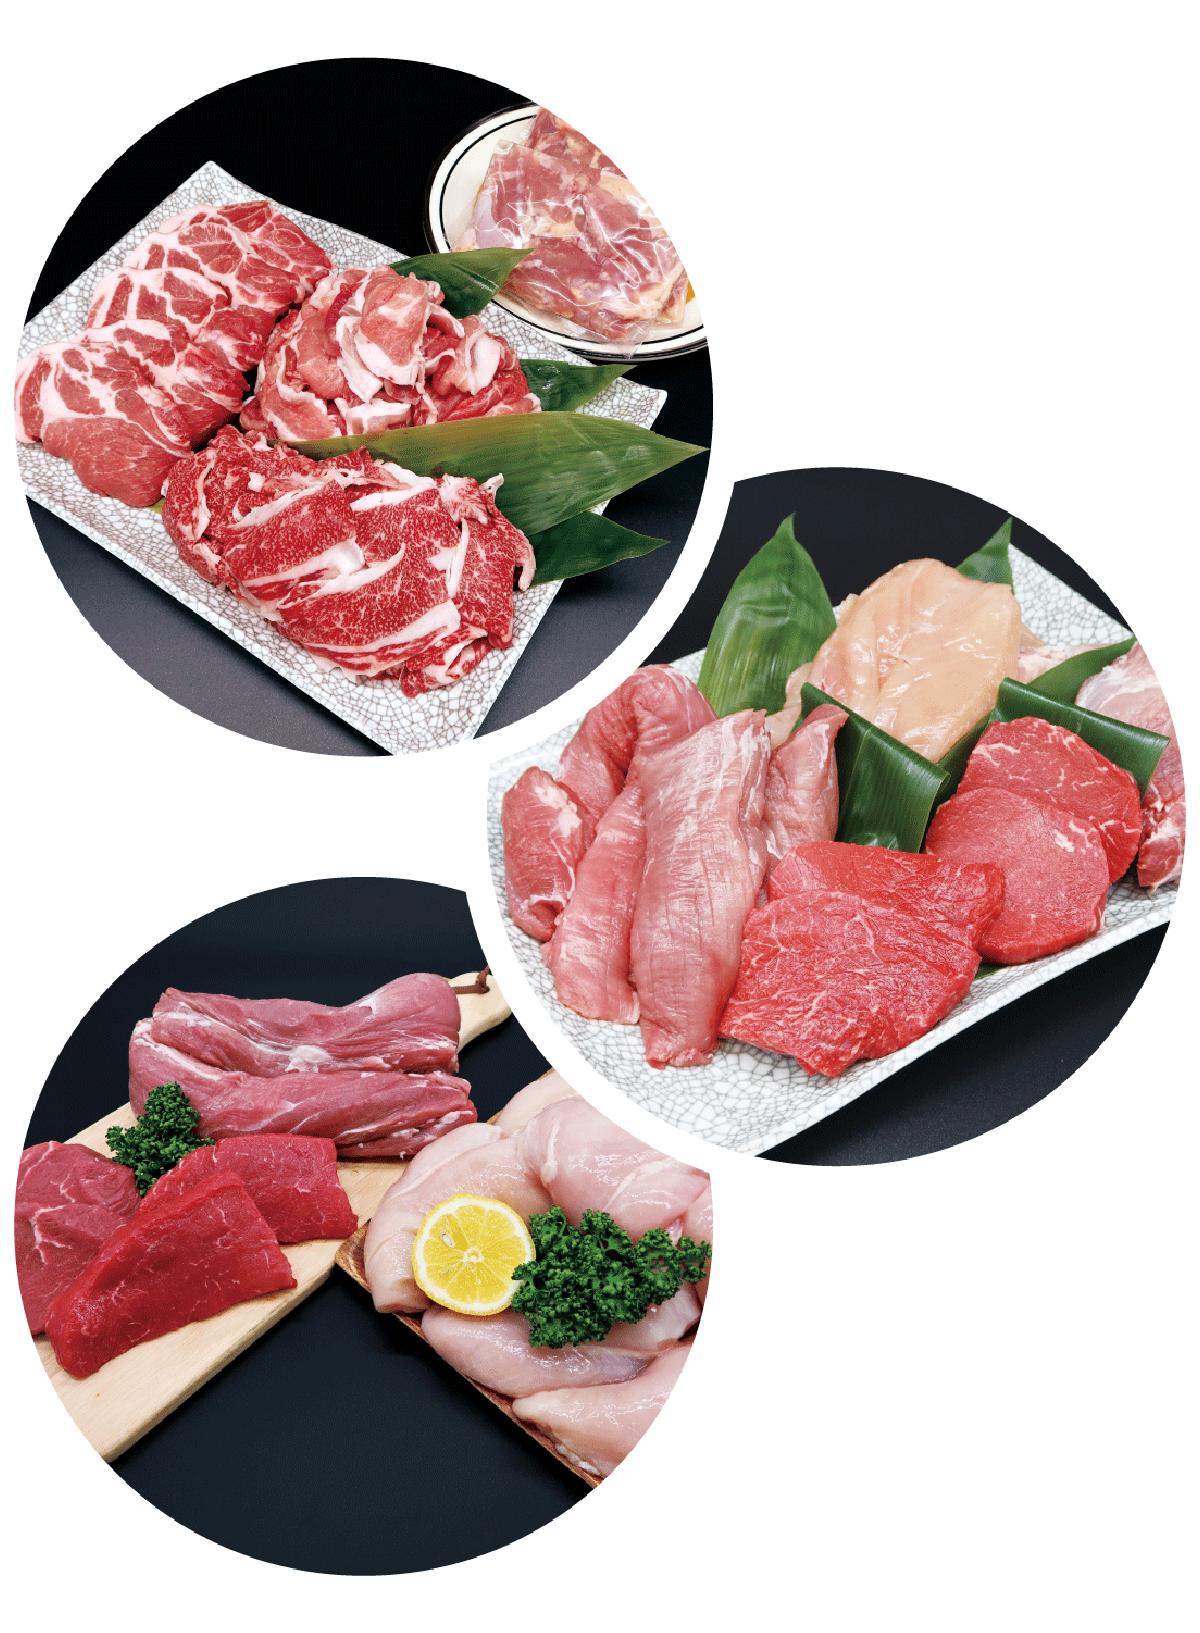 信州産お肉の定期便